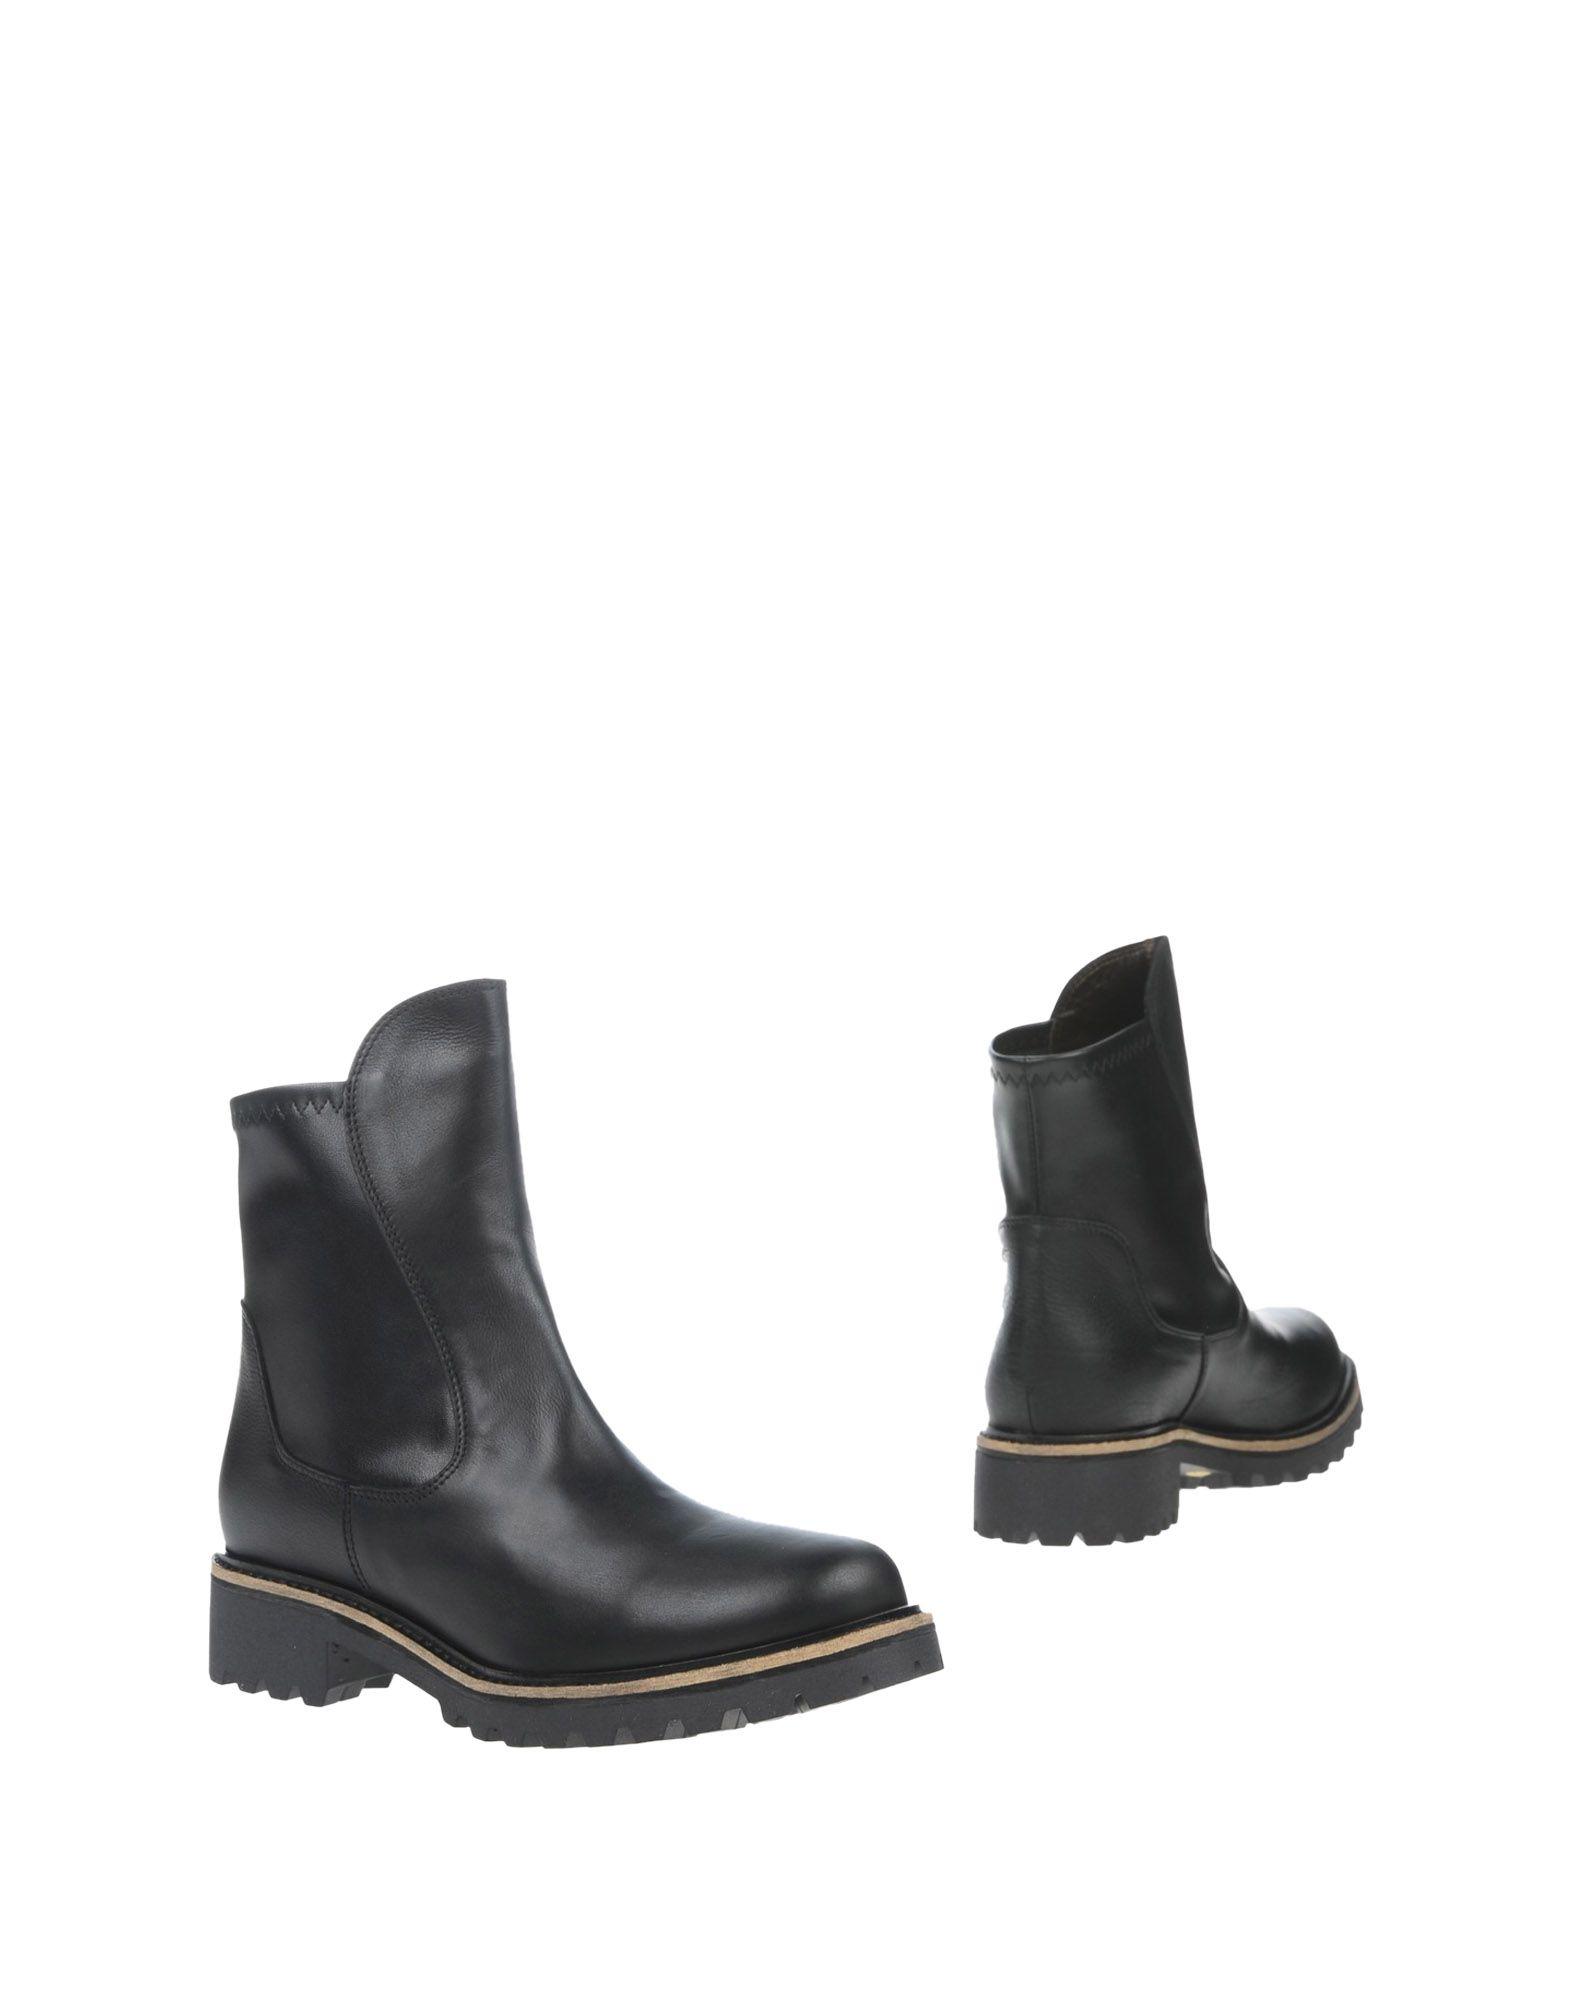 F.Lli Bruglia Chelsea Boots 11303407EF Damen  11303407EF Boots a40322